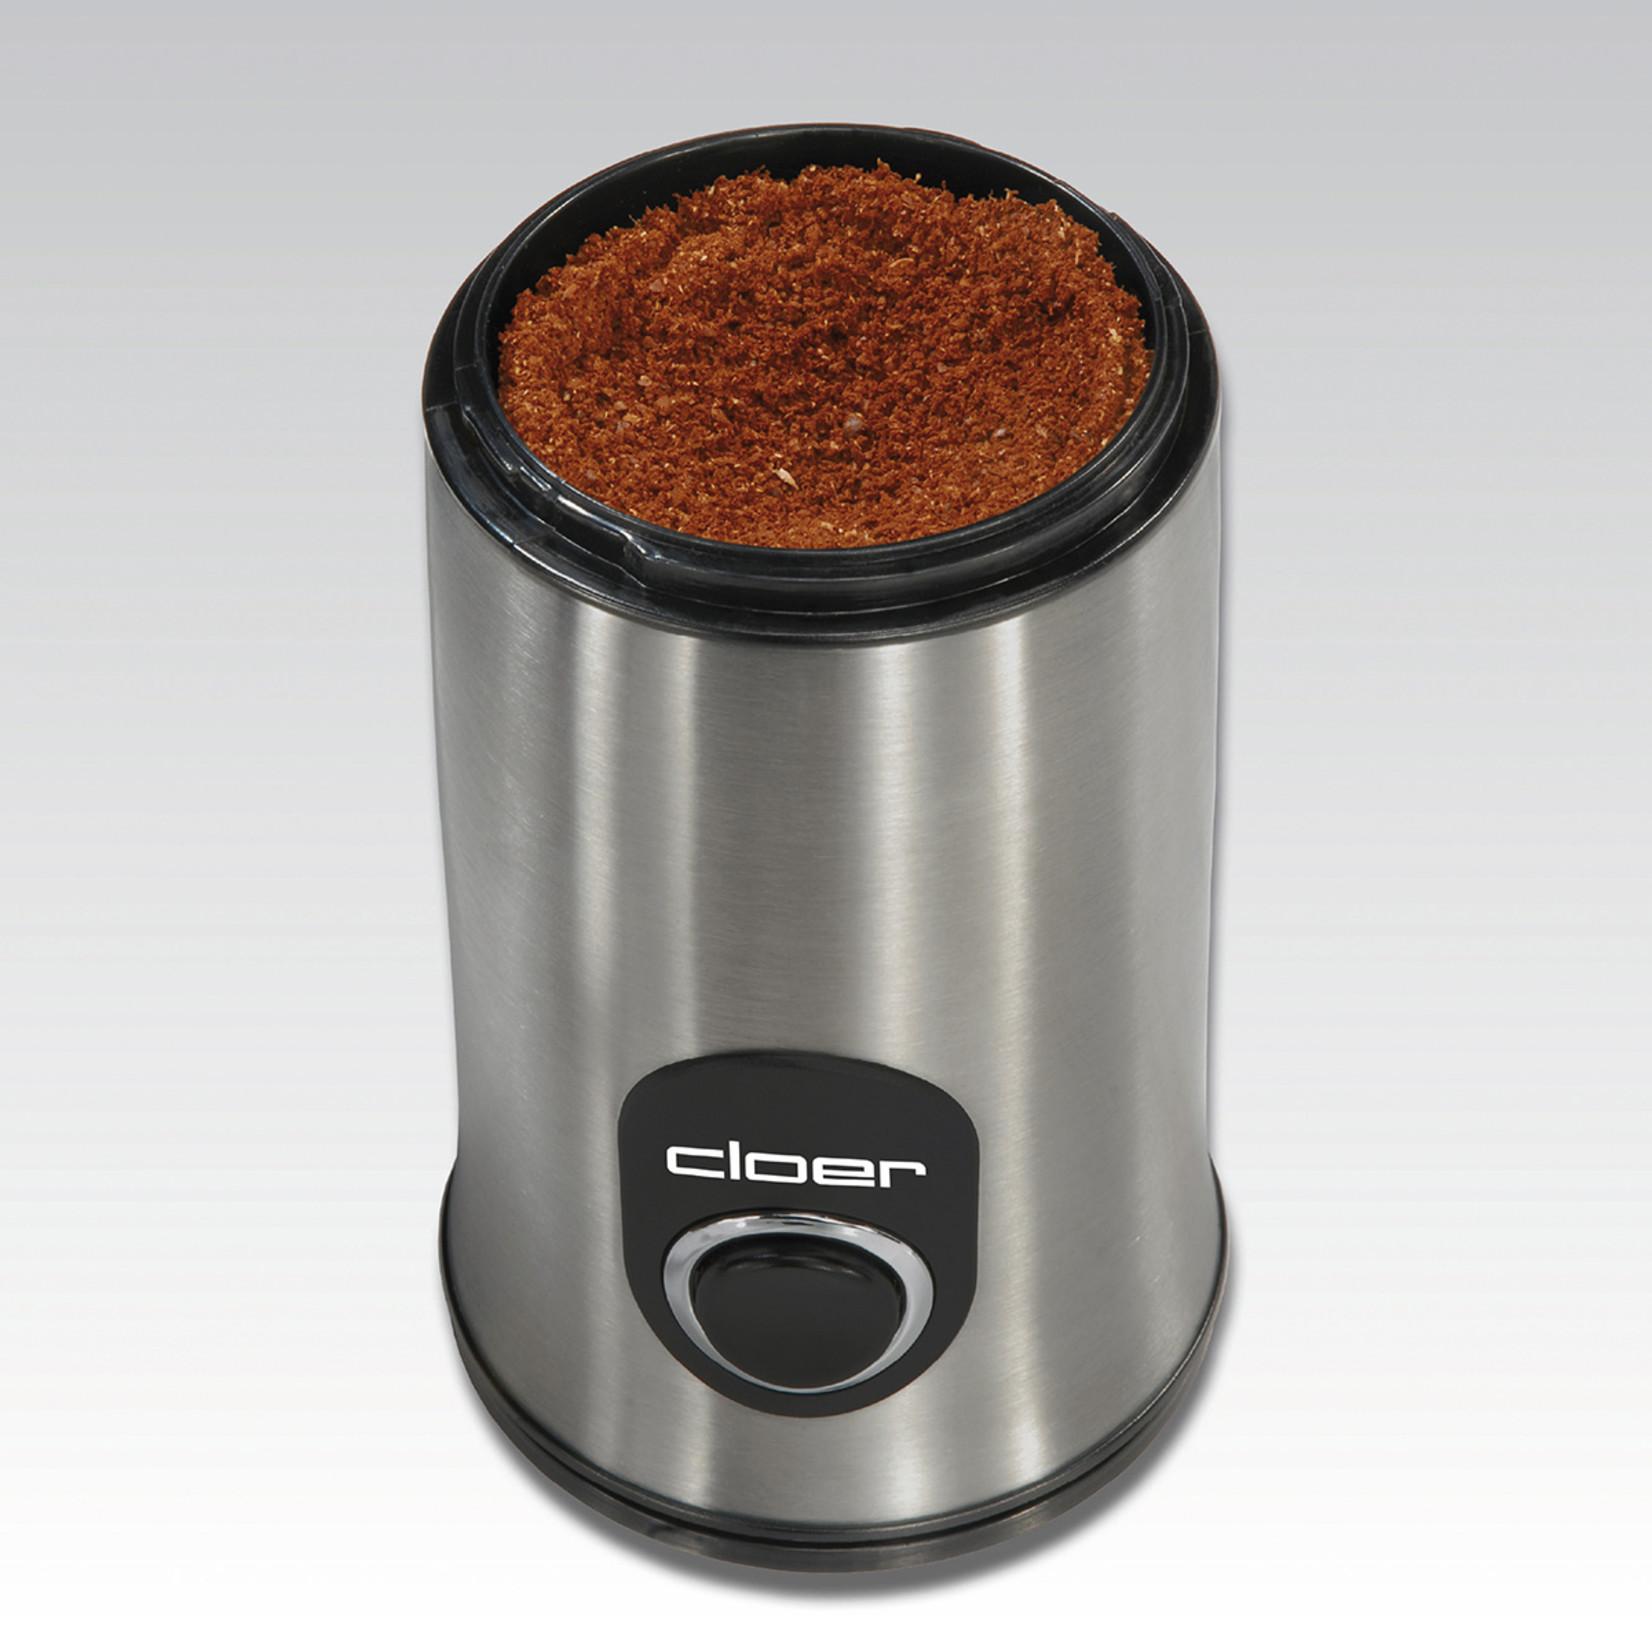 Cloer Cloer koffiemolen 7579